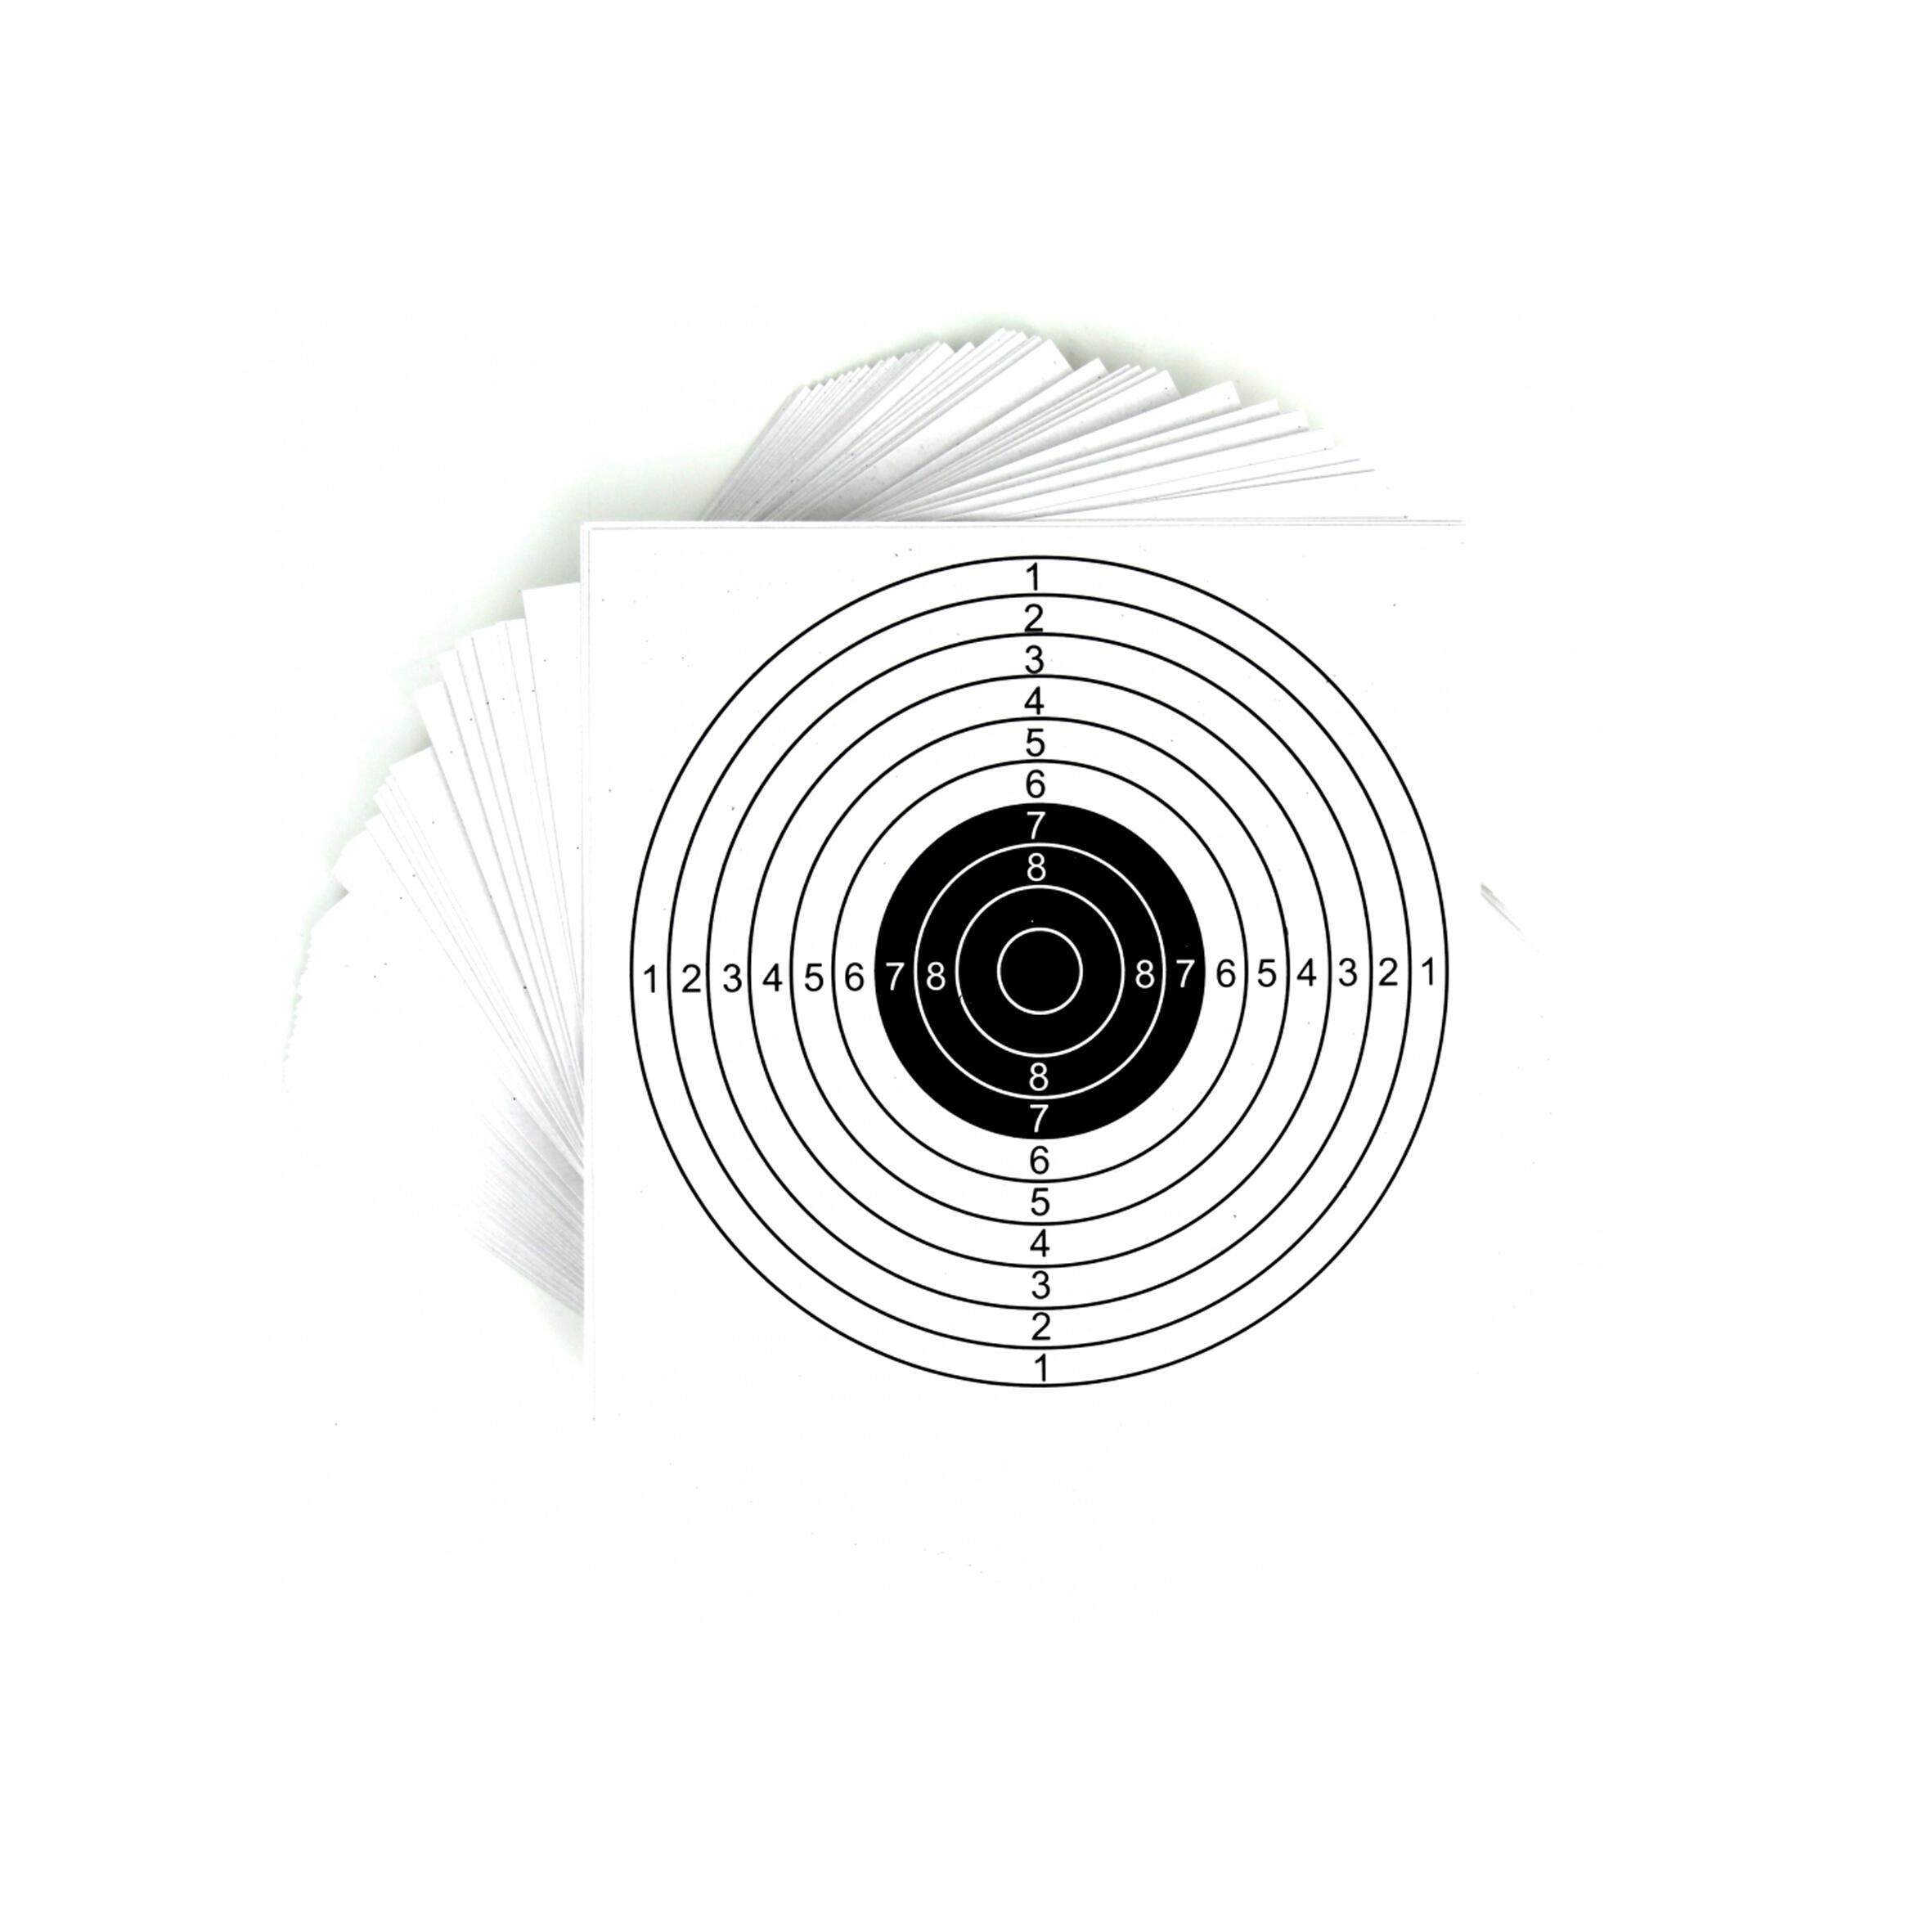 Ţintă Pistol 25 m x 20 Alb